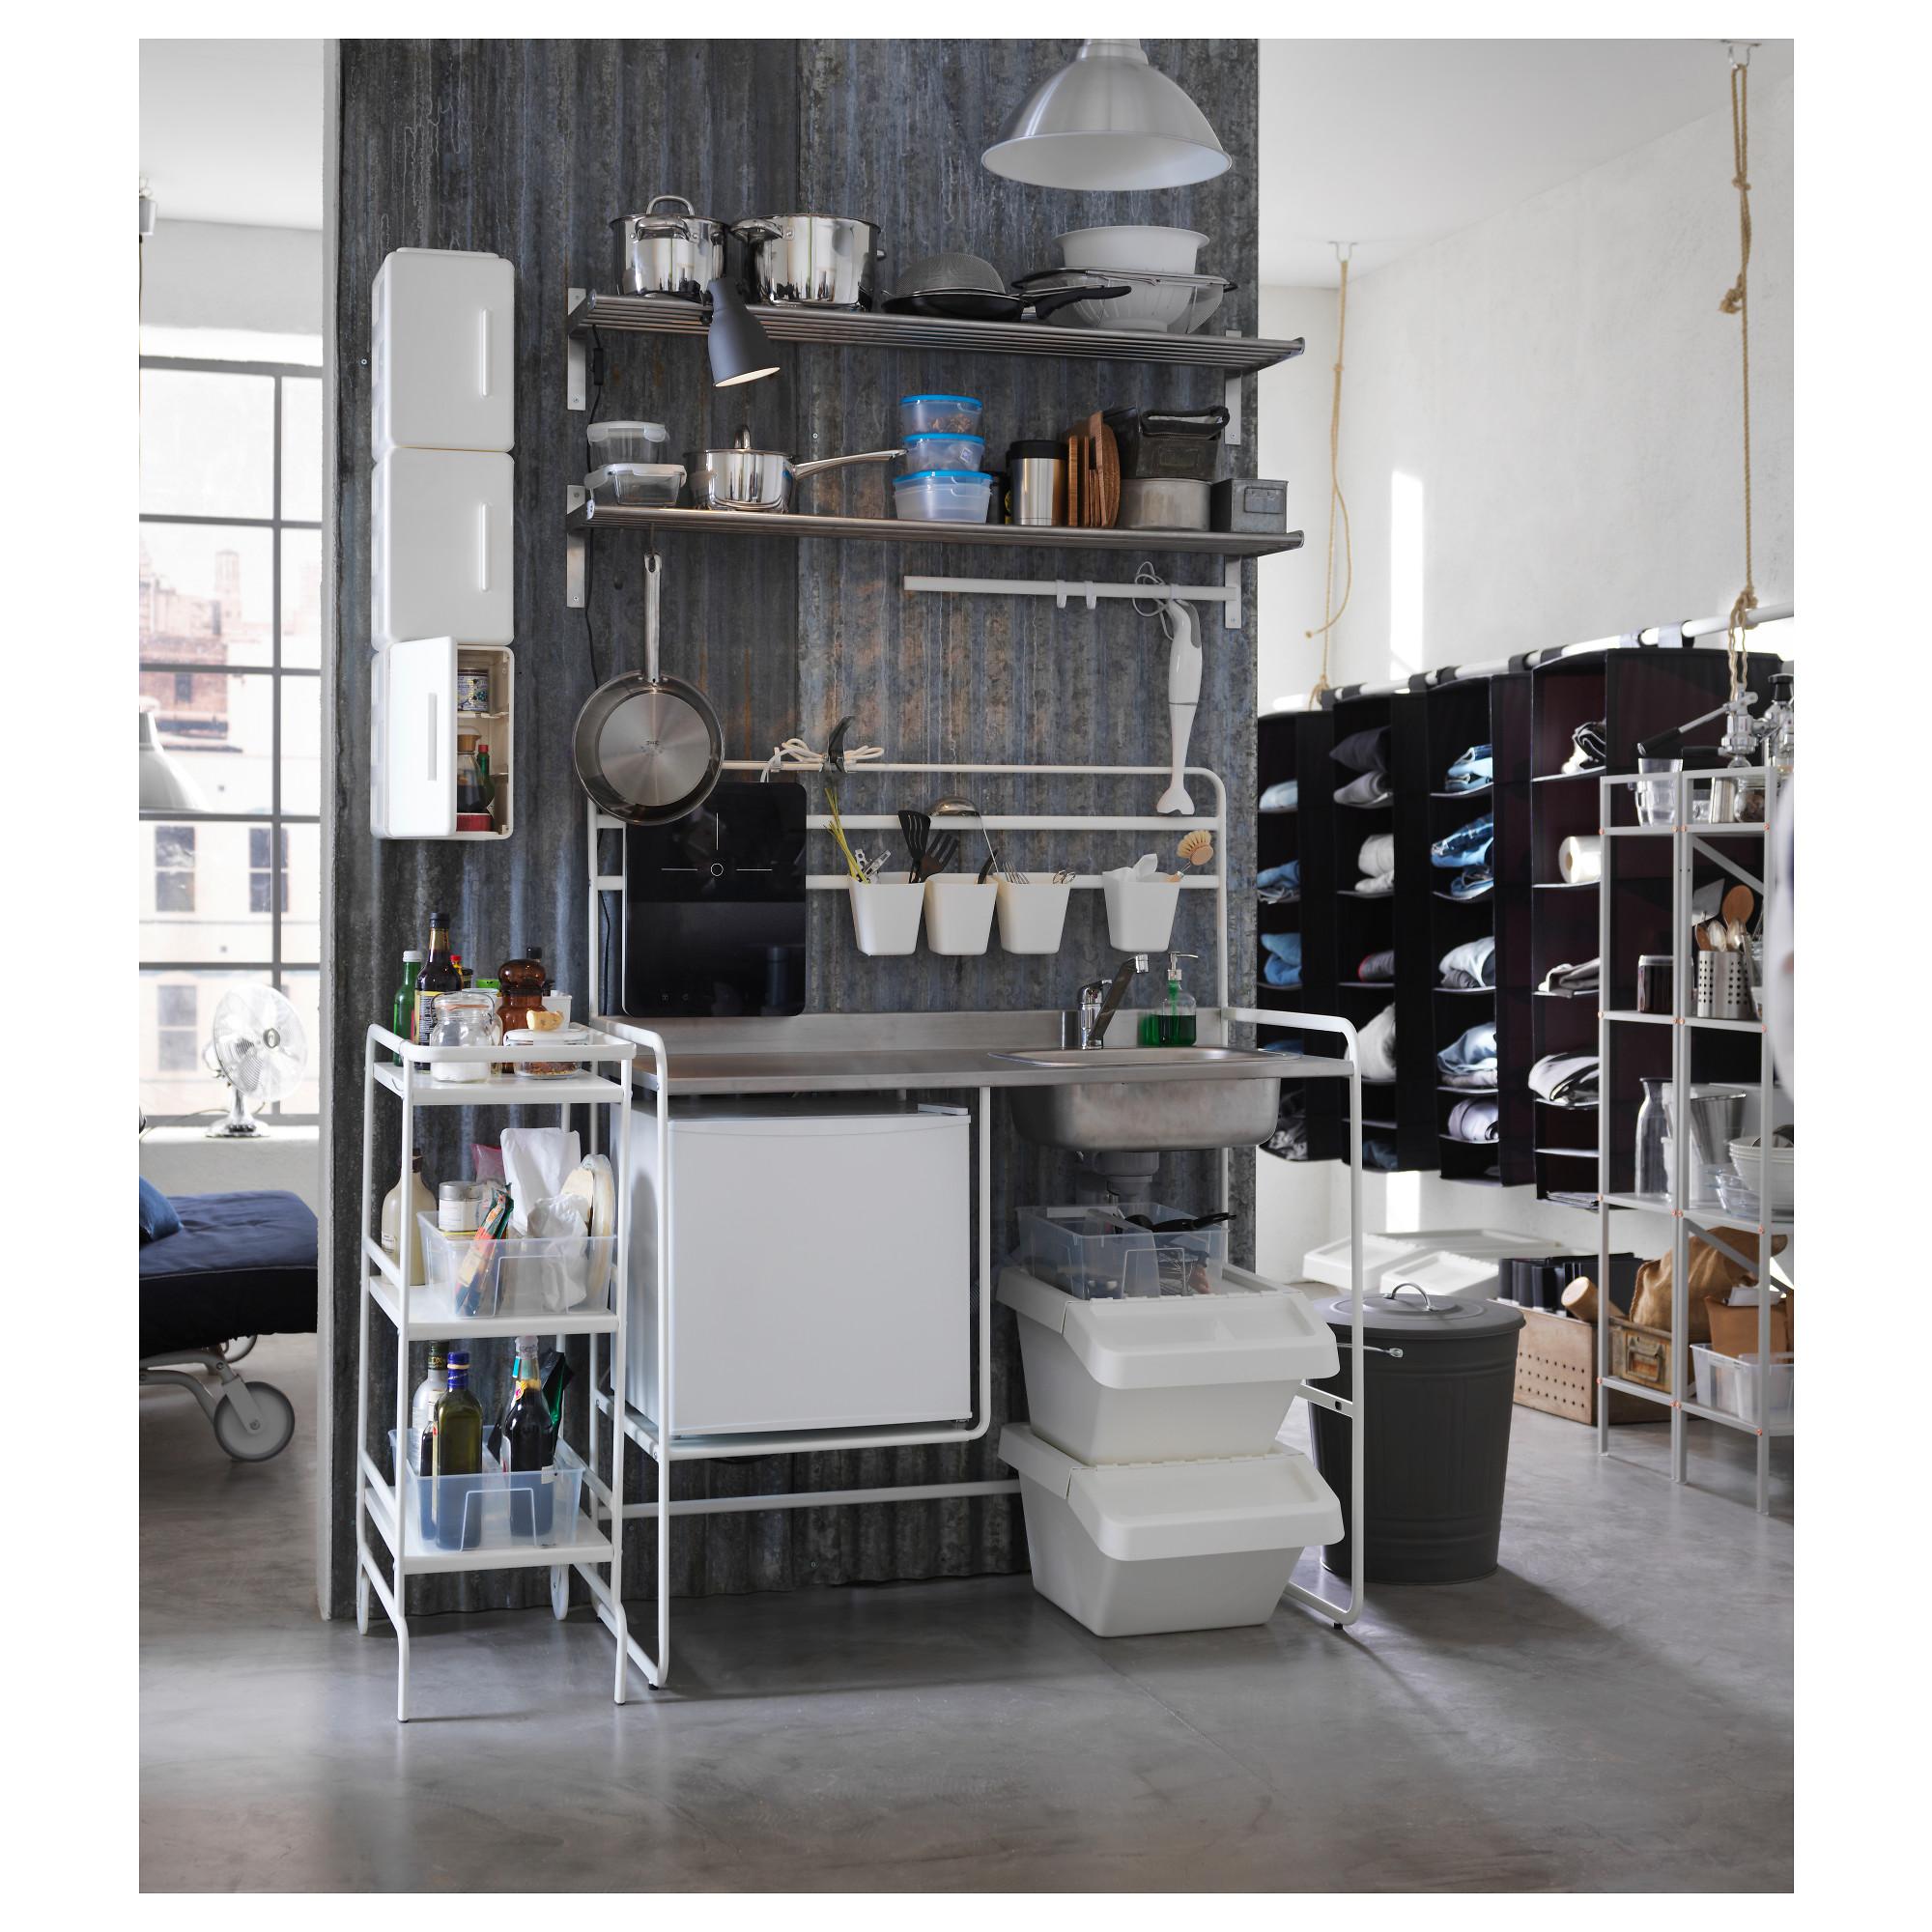 Full Size of Minikche Ikea Charmant Design 1004 Küche Kosten Sofa Mit Schlaffunktion Kaufen Miniküche Betten Bei Modulküche 160x200 Wohnzimmer Ikea Miniküchen